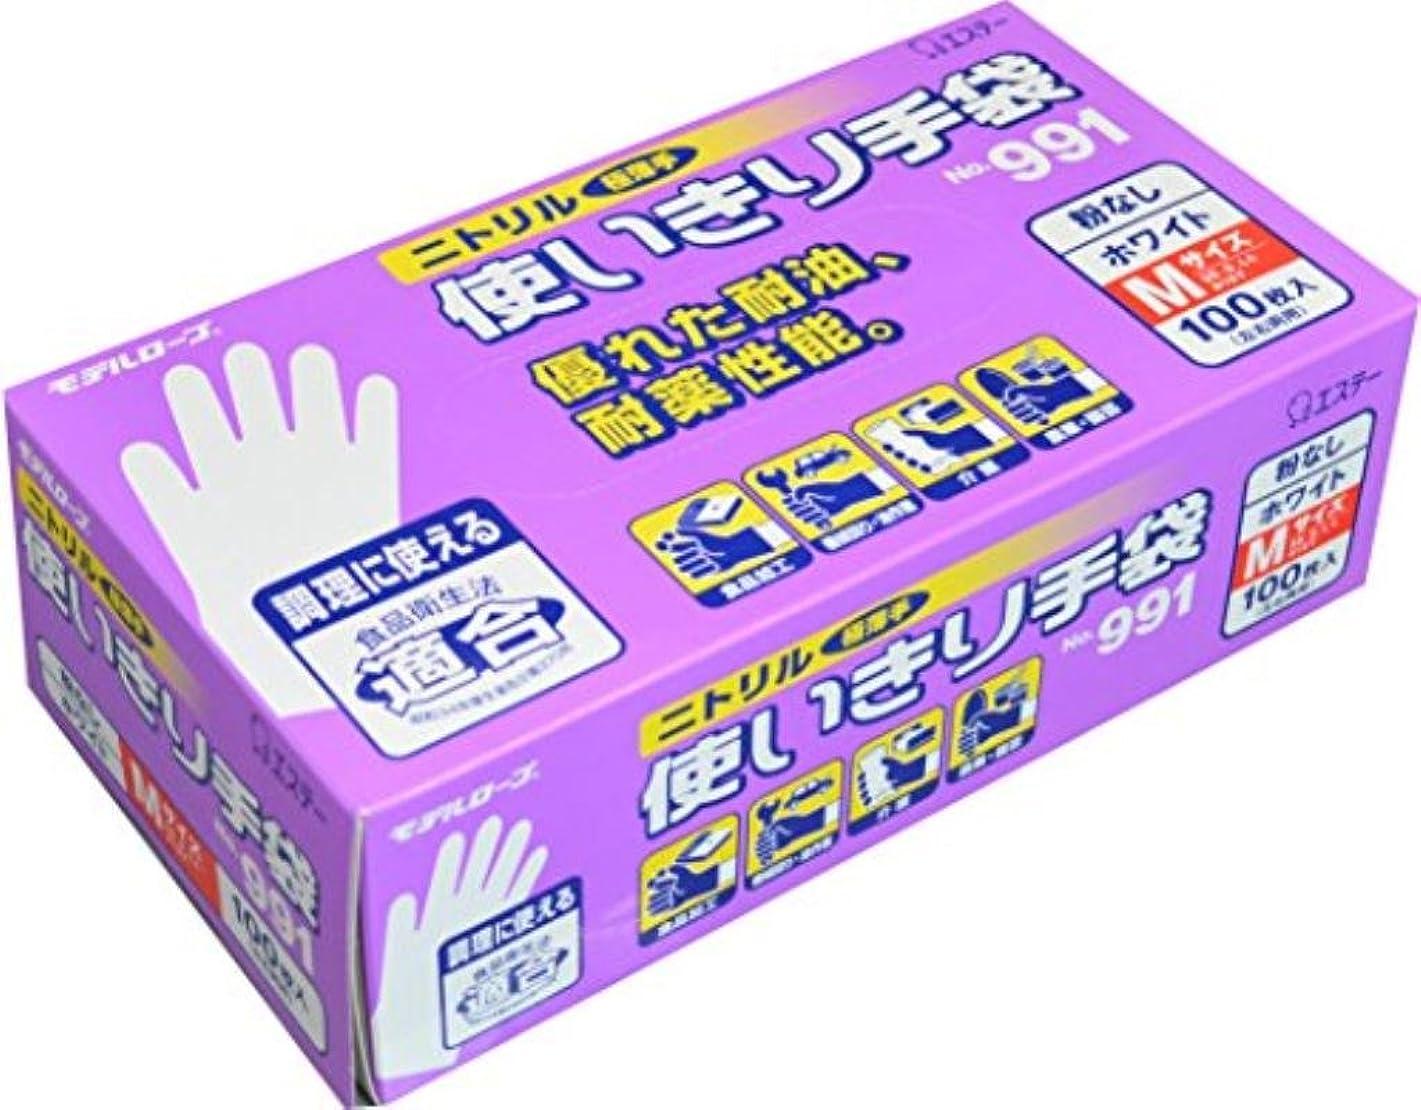 発明郵便セールスマン(まとめ買い)エステー ニトリル使いきり手袋粉無No.991ホワイトM 100枚【×2セット】